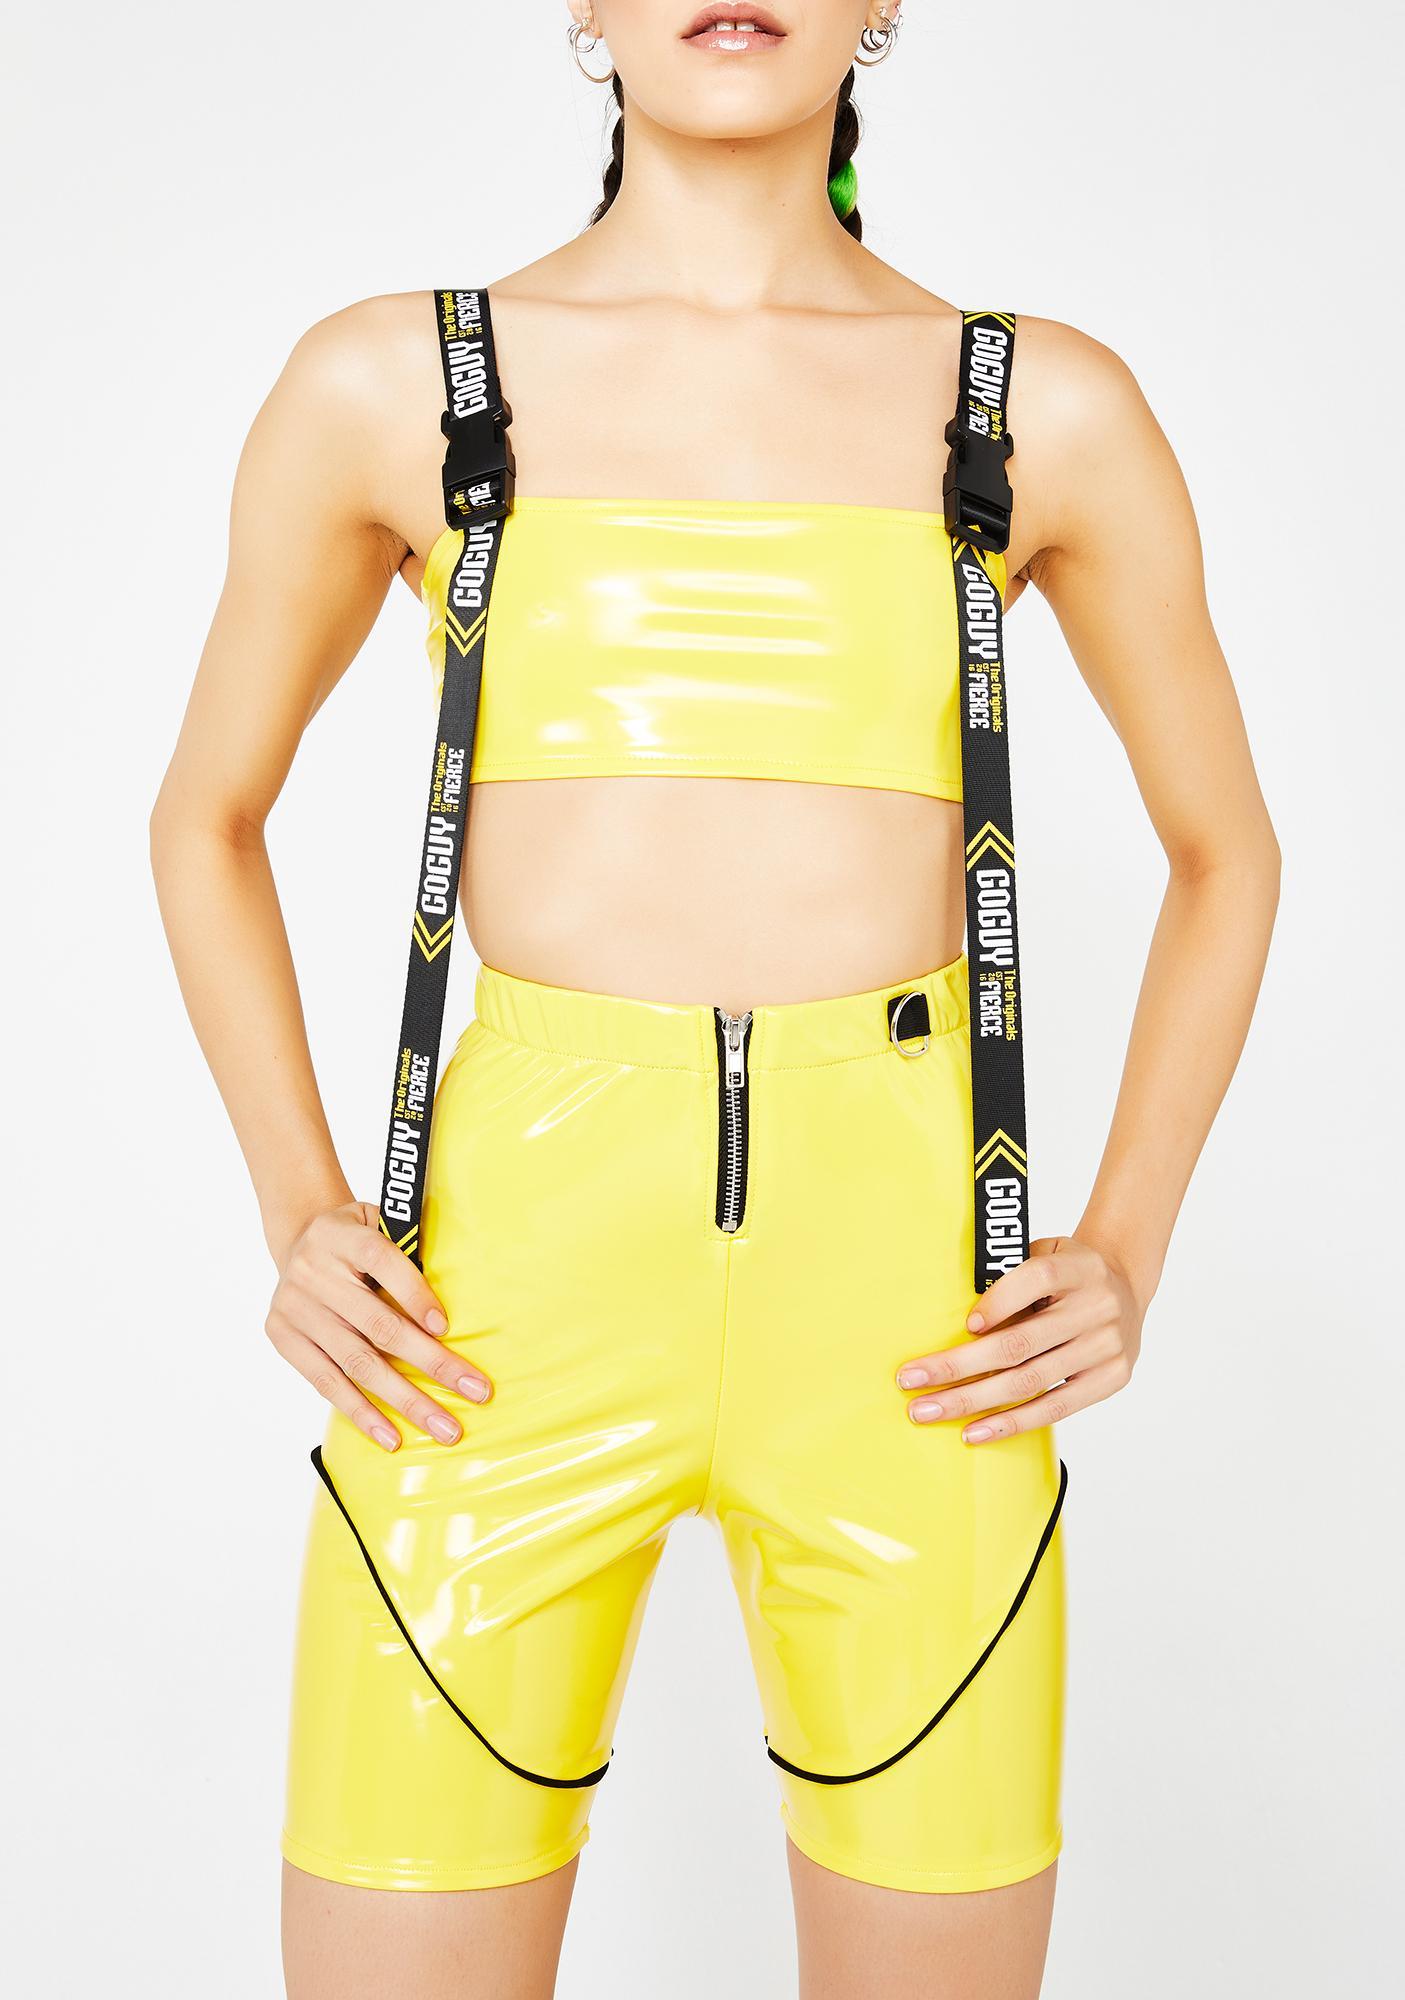 GoGuy Fierce PVC Hot Pants